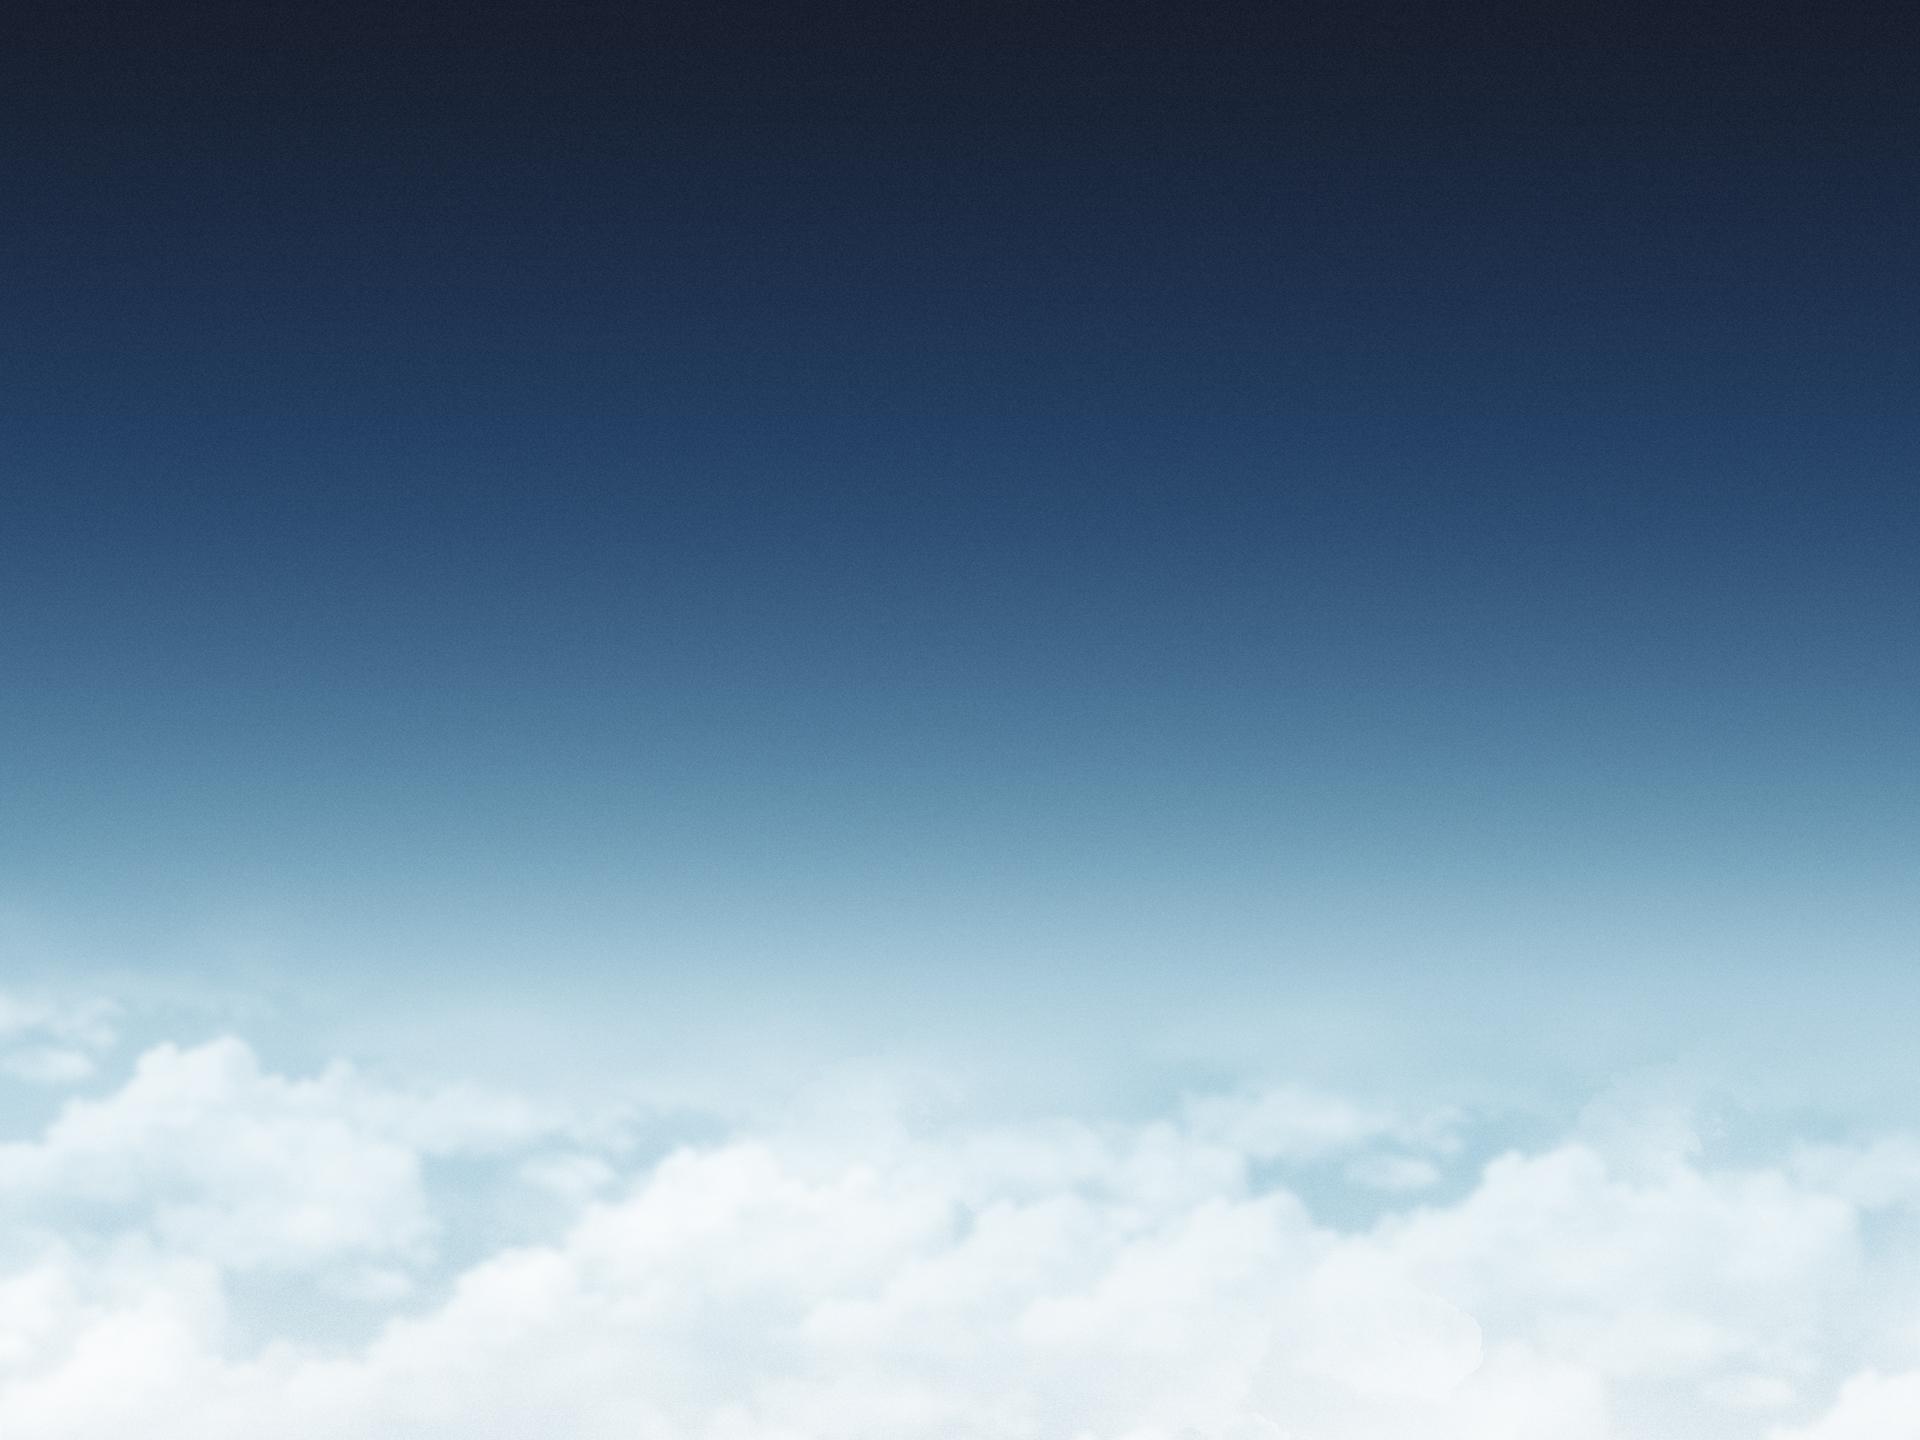 Panorama_1920x1440